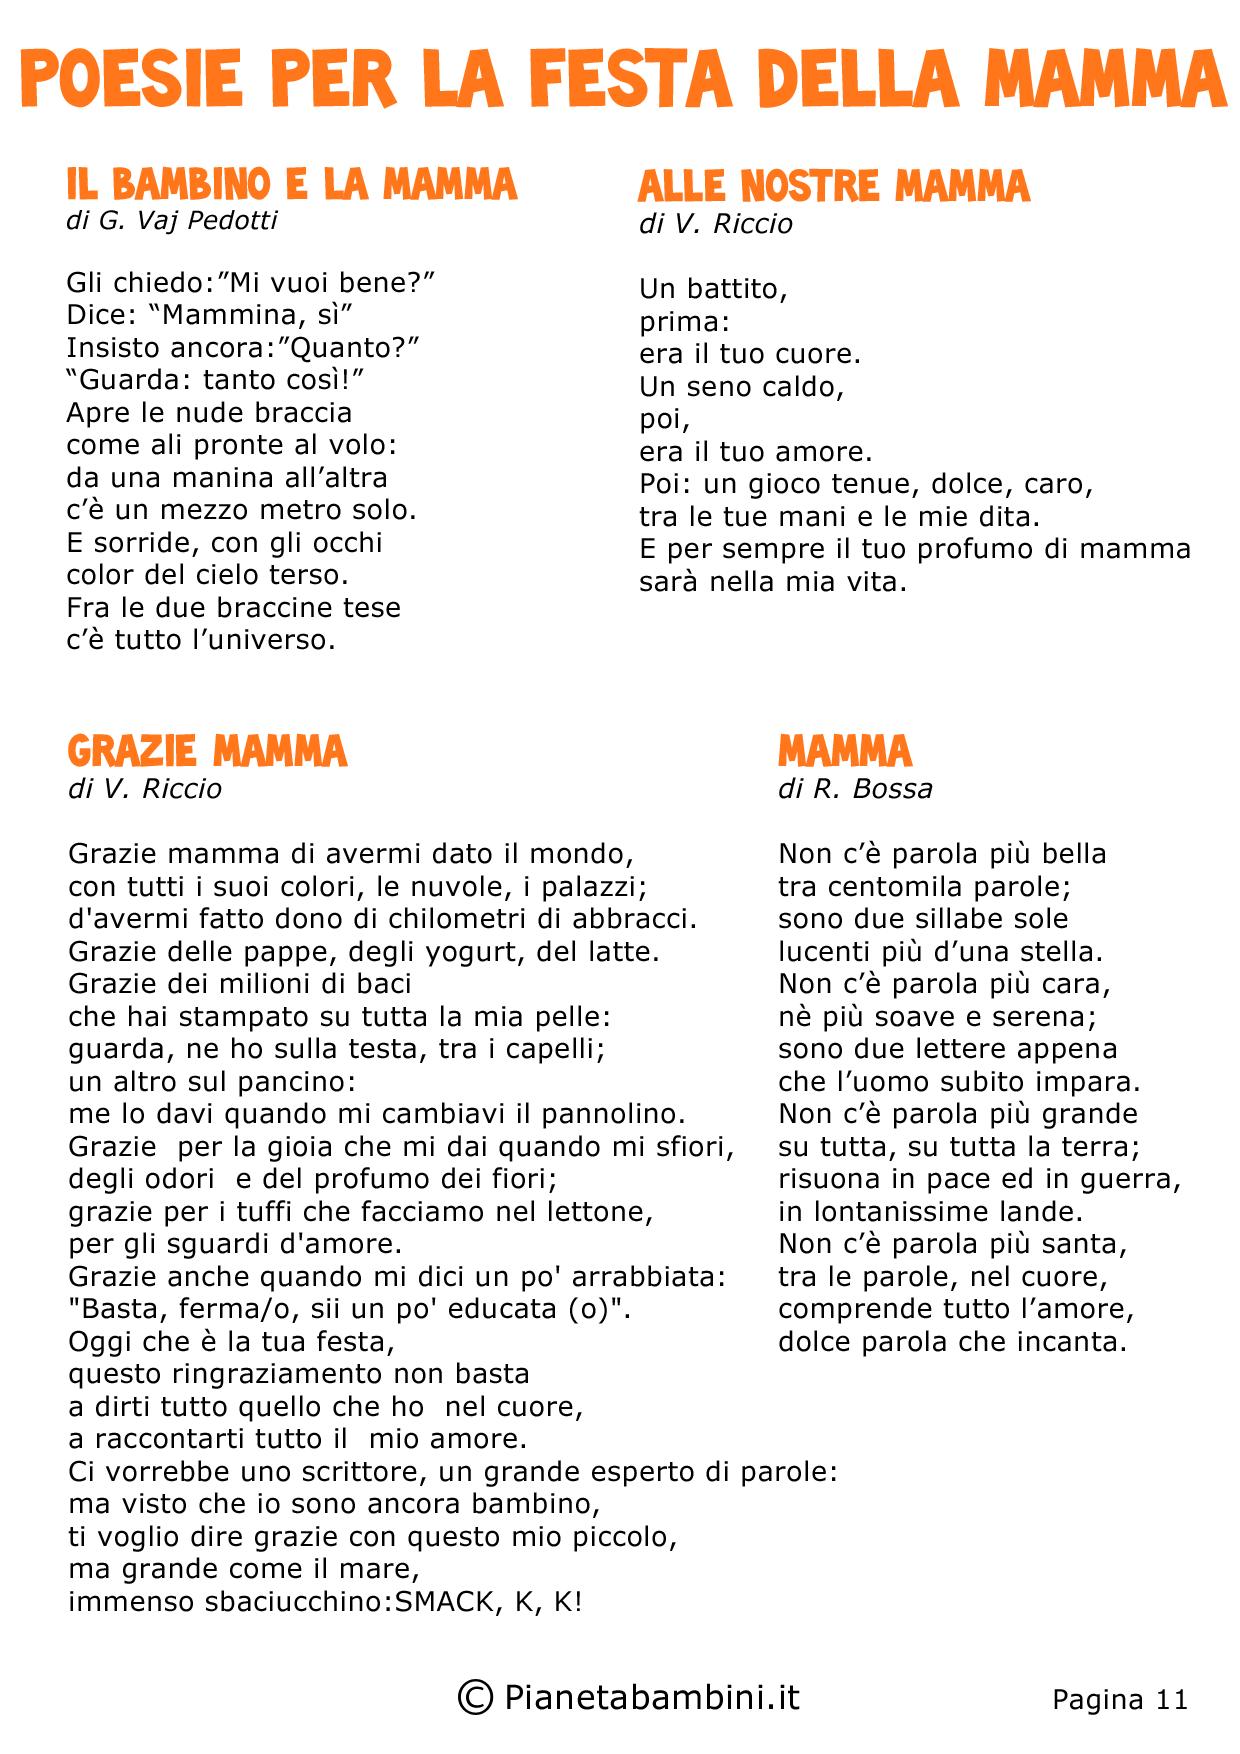 Poesie per la festa della mamma per bambini festa della - Poesie primaverili per la scuola materna ...